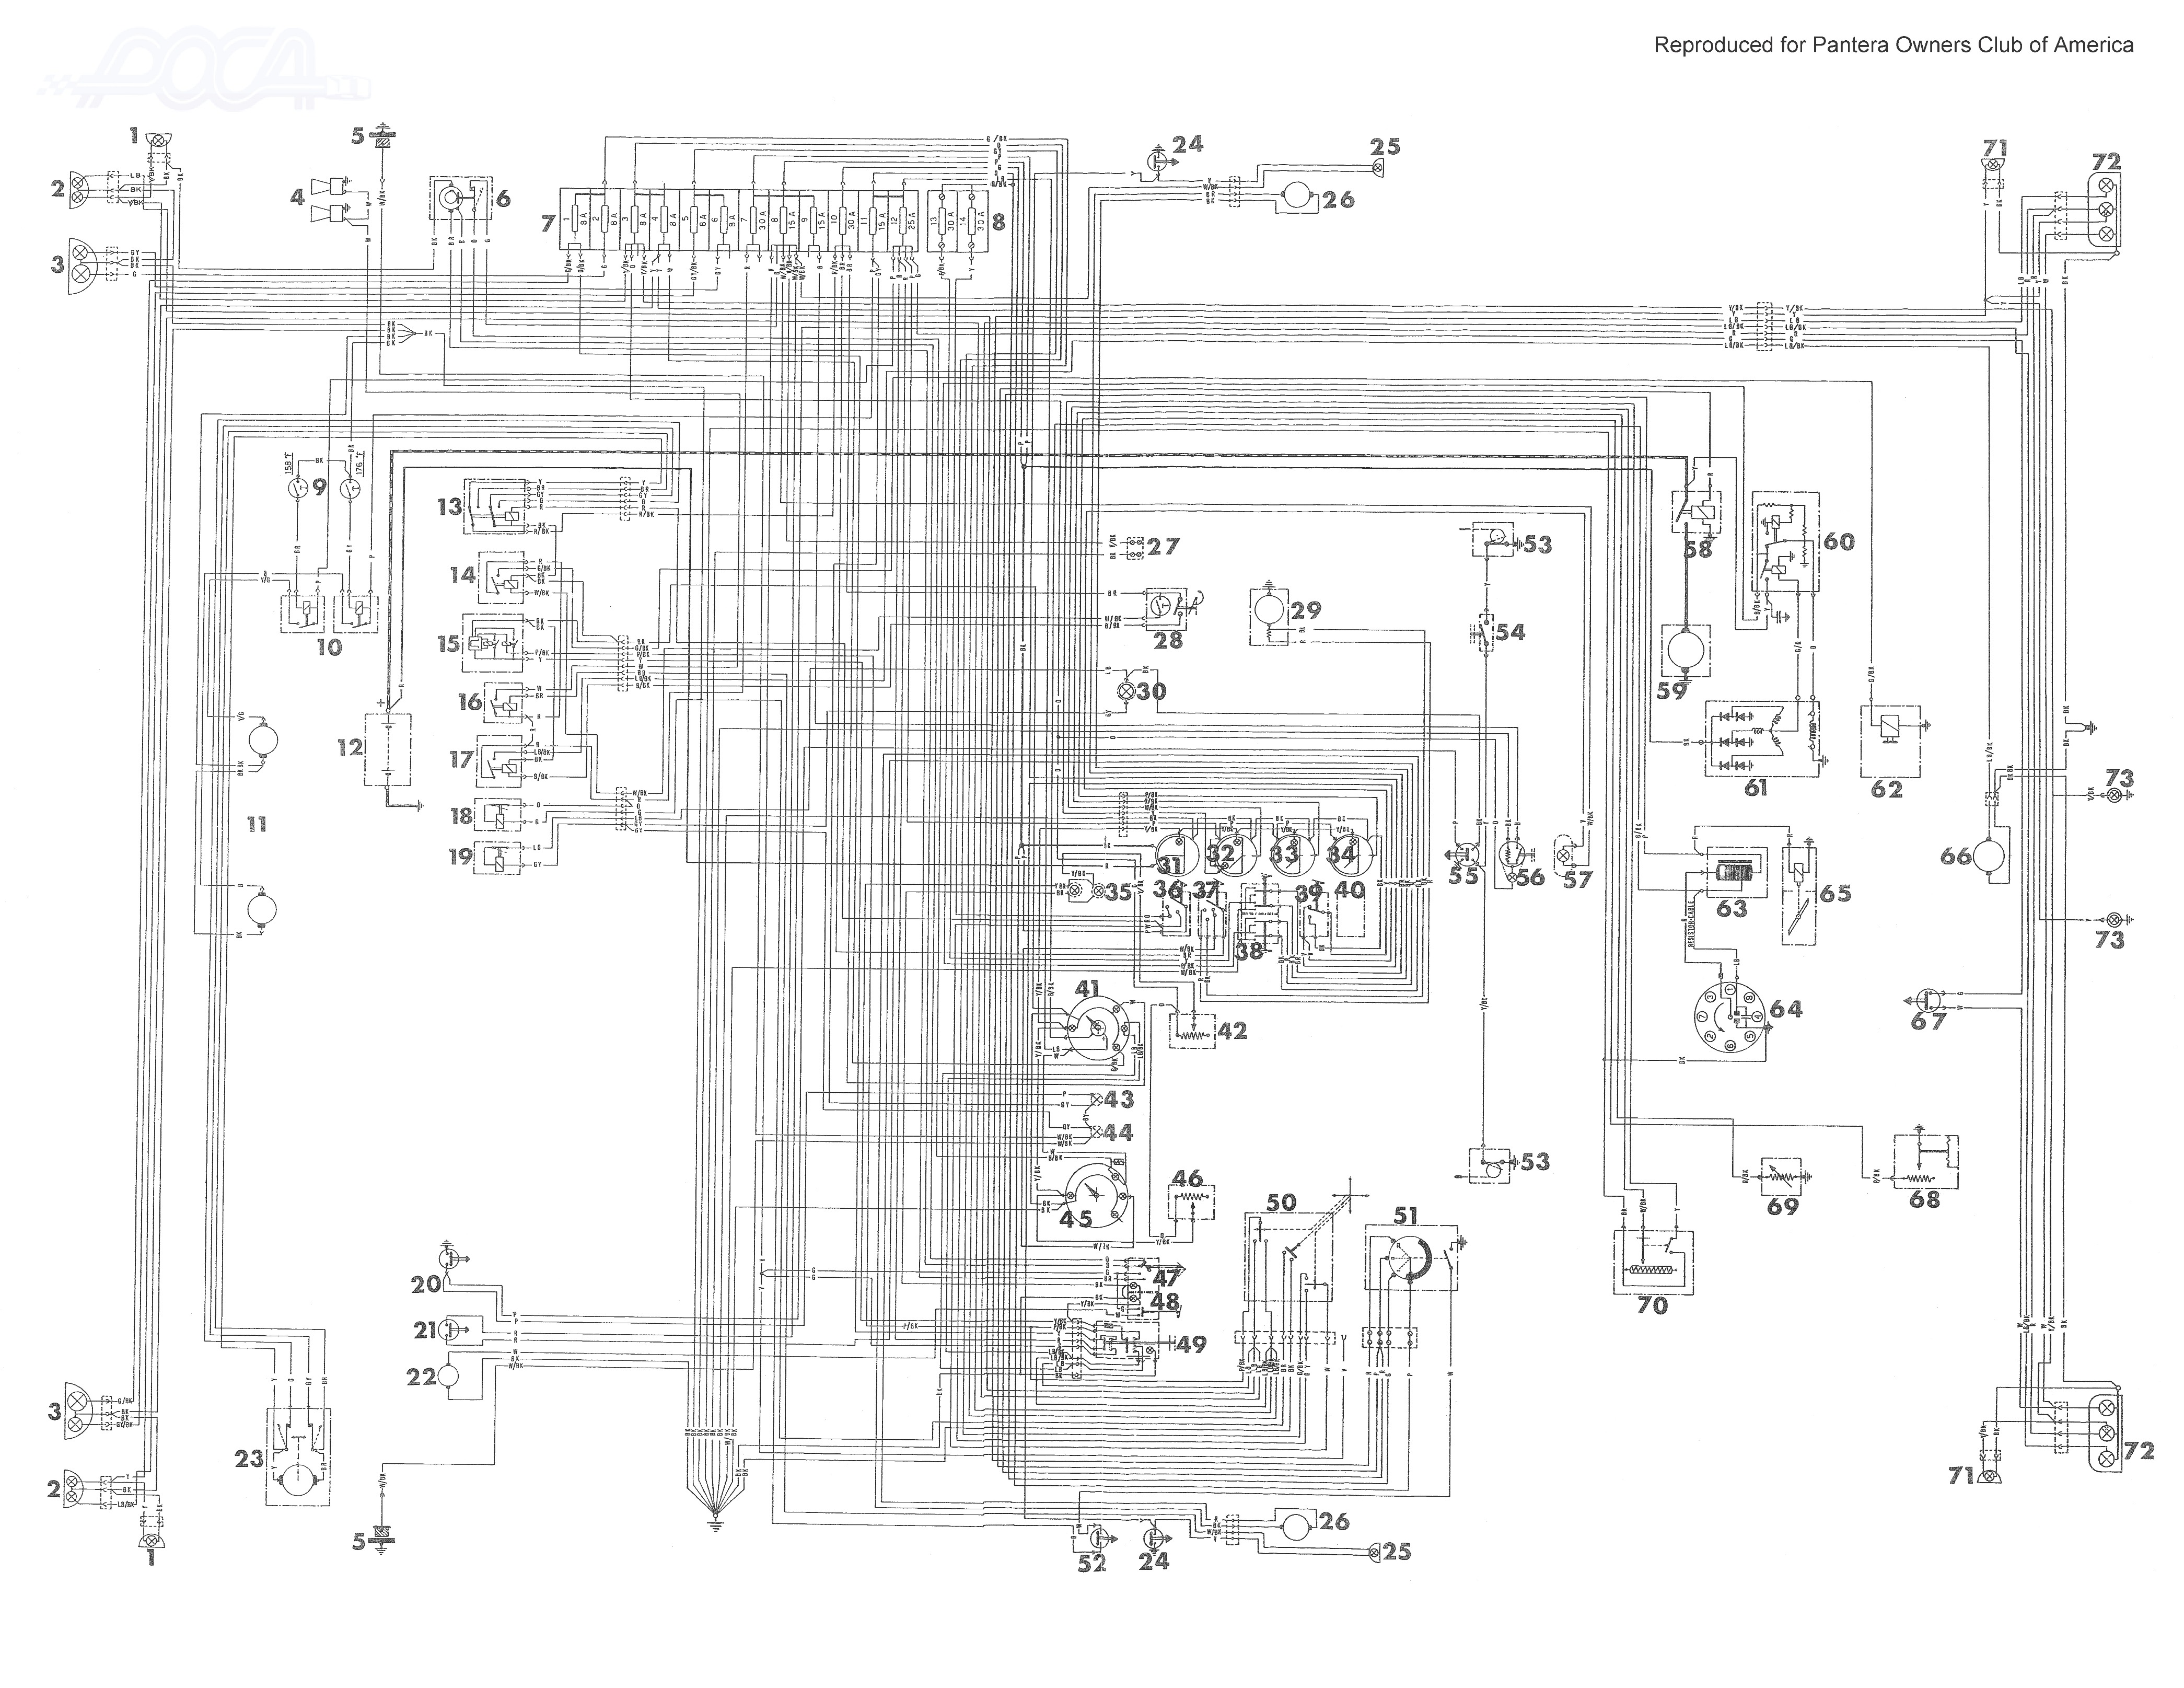 De+Tomaso+L+Schematic+Wiring+Diagram?t\\\=1508404309 iveco 75e15 wiring diagram iveco cargo 75e15 wiring diagram iveco 75e15 wiring diagram at bayanpartner.co